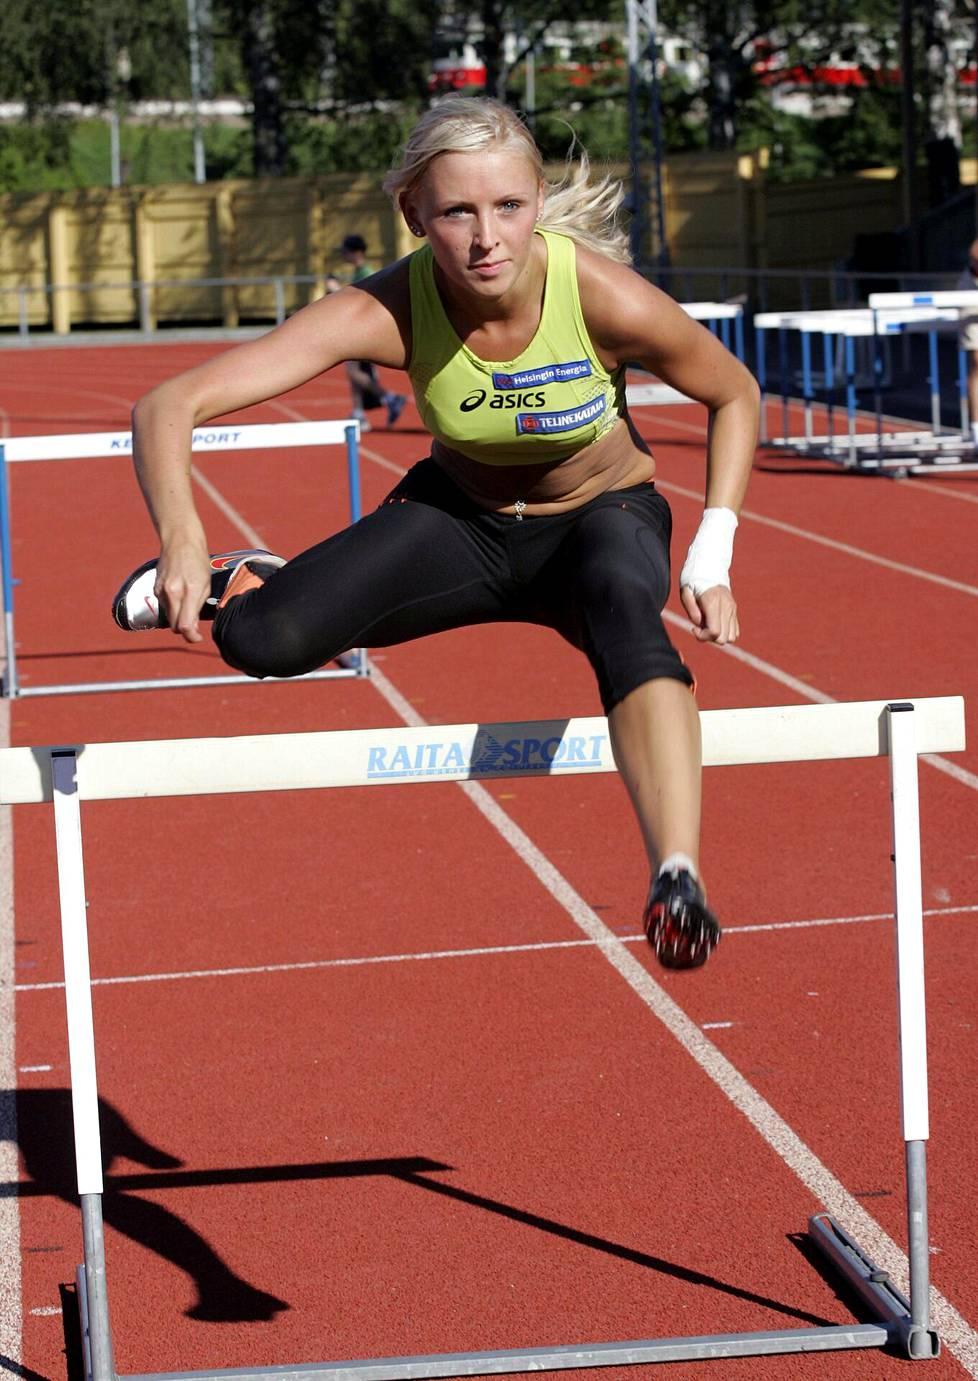 Annimari Korte harjoituksissa Eläintarhan urheilukentällä vuonna 2007.